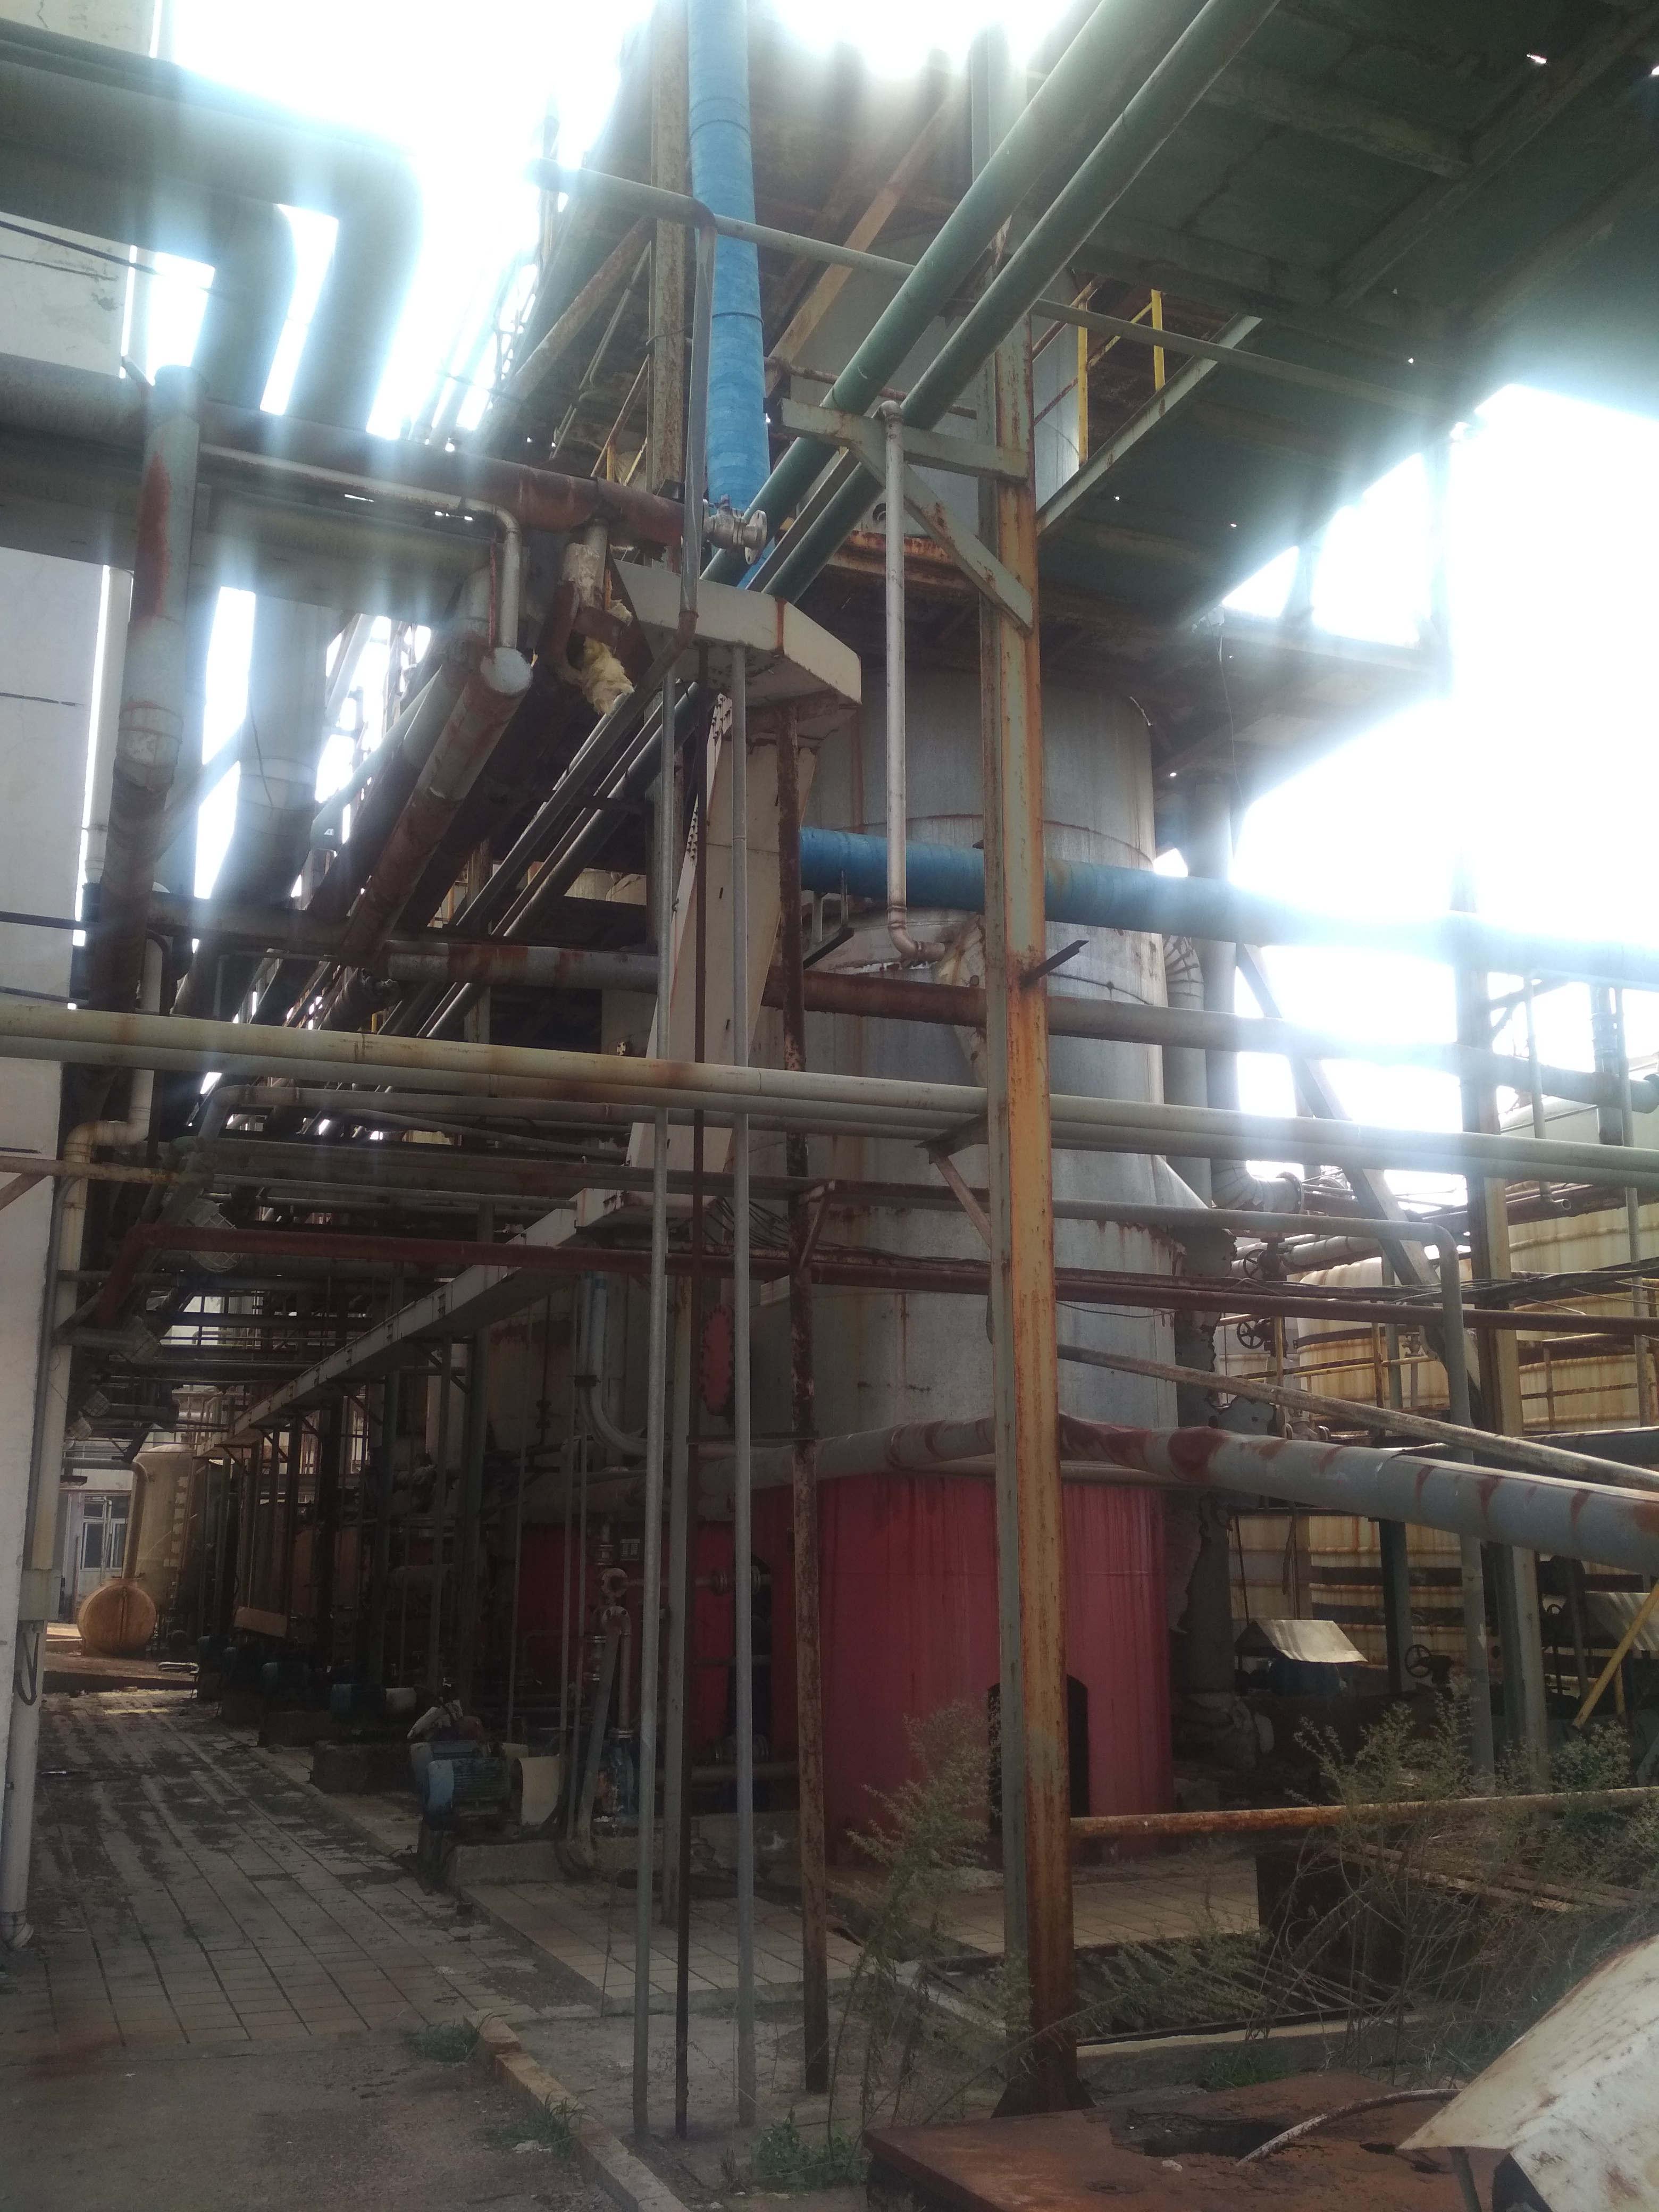 菏澤化工企業地上物拆除及處置權拍賣